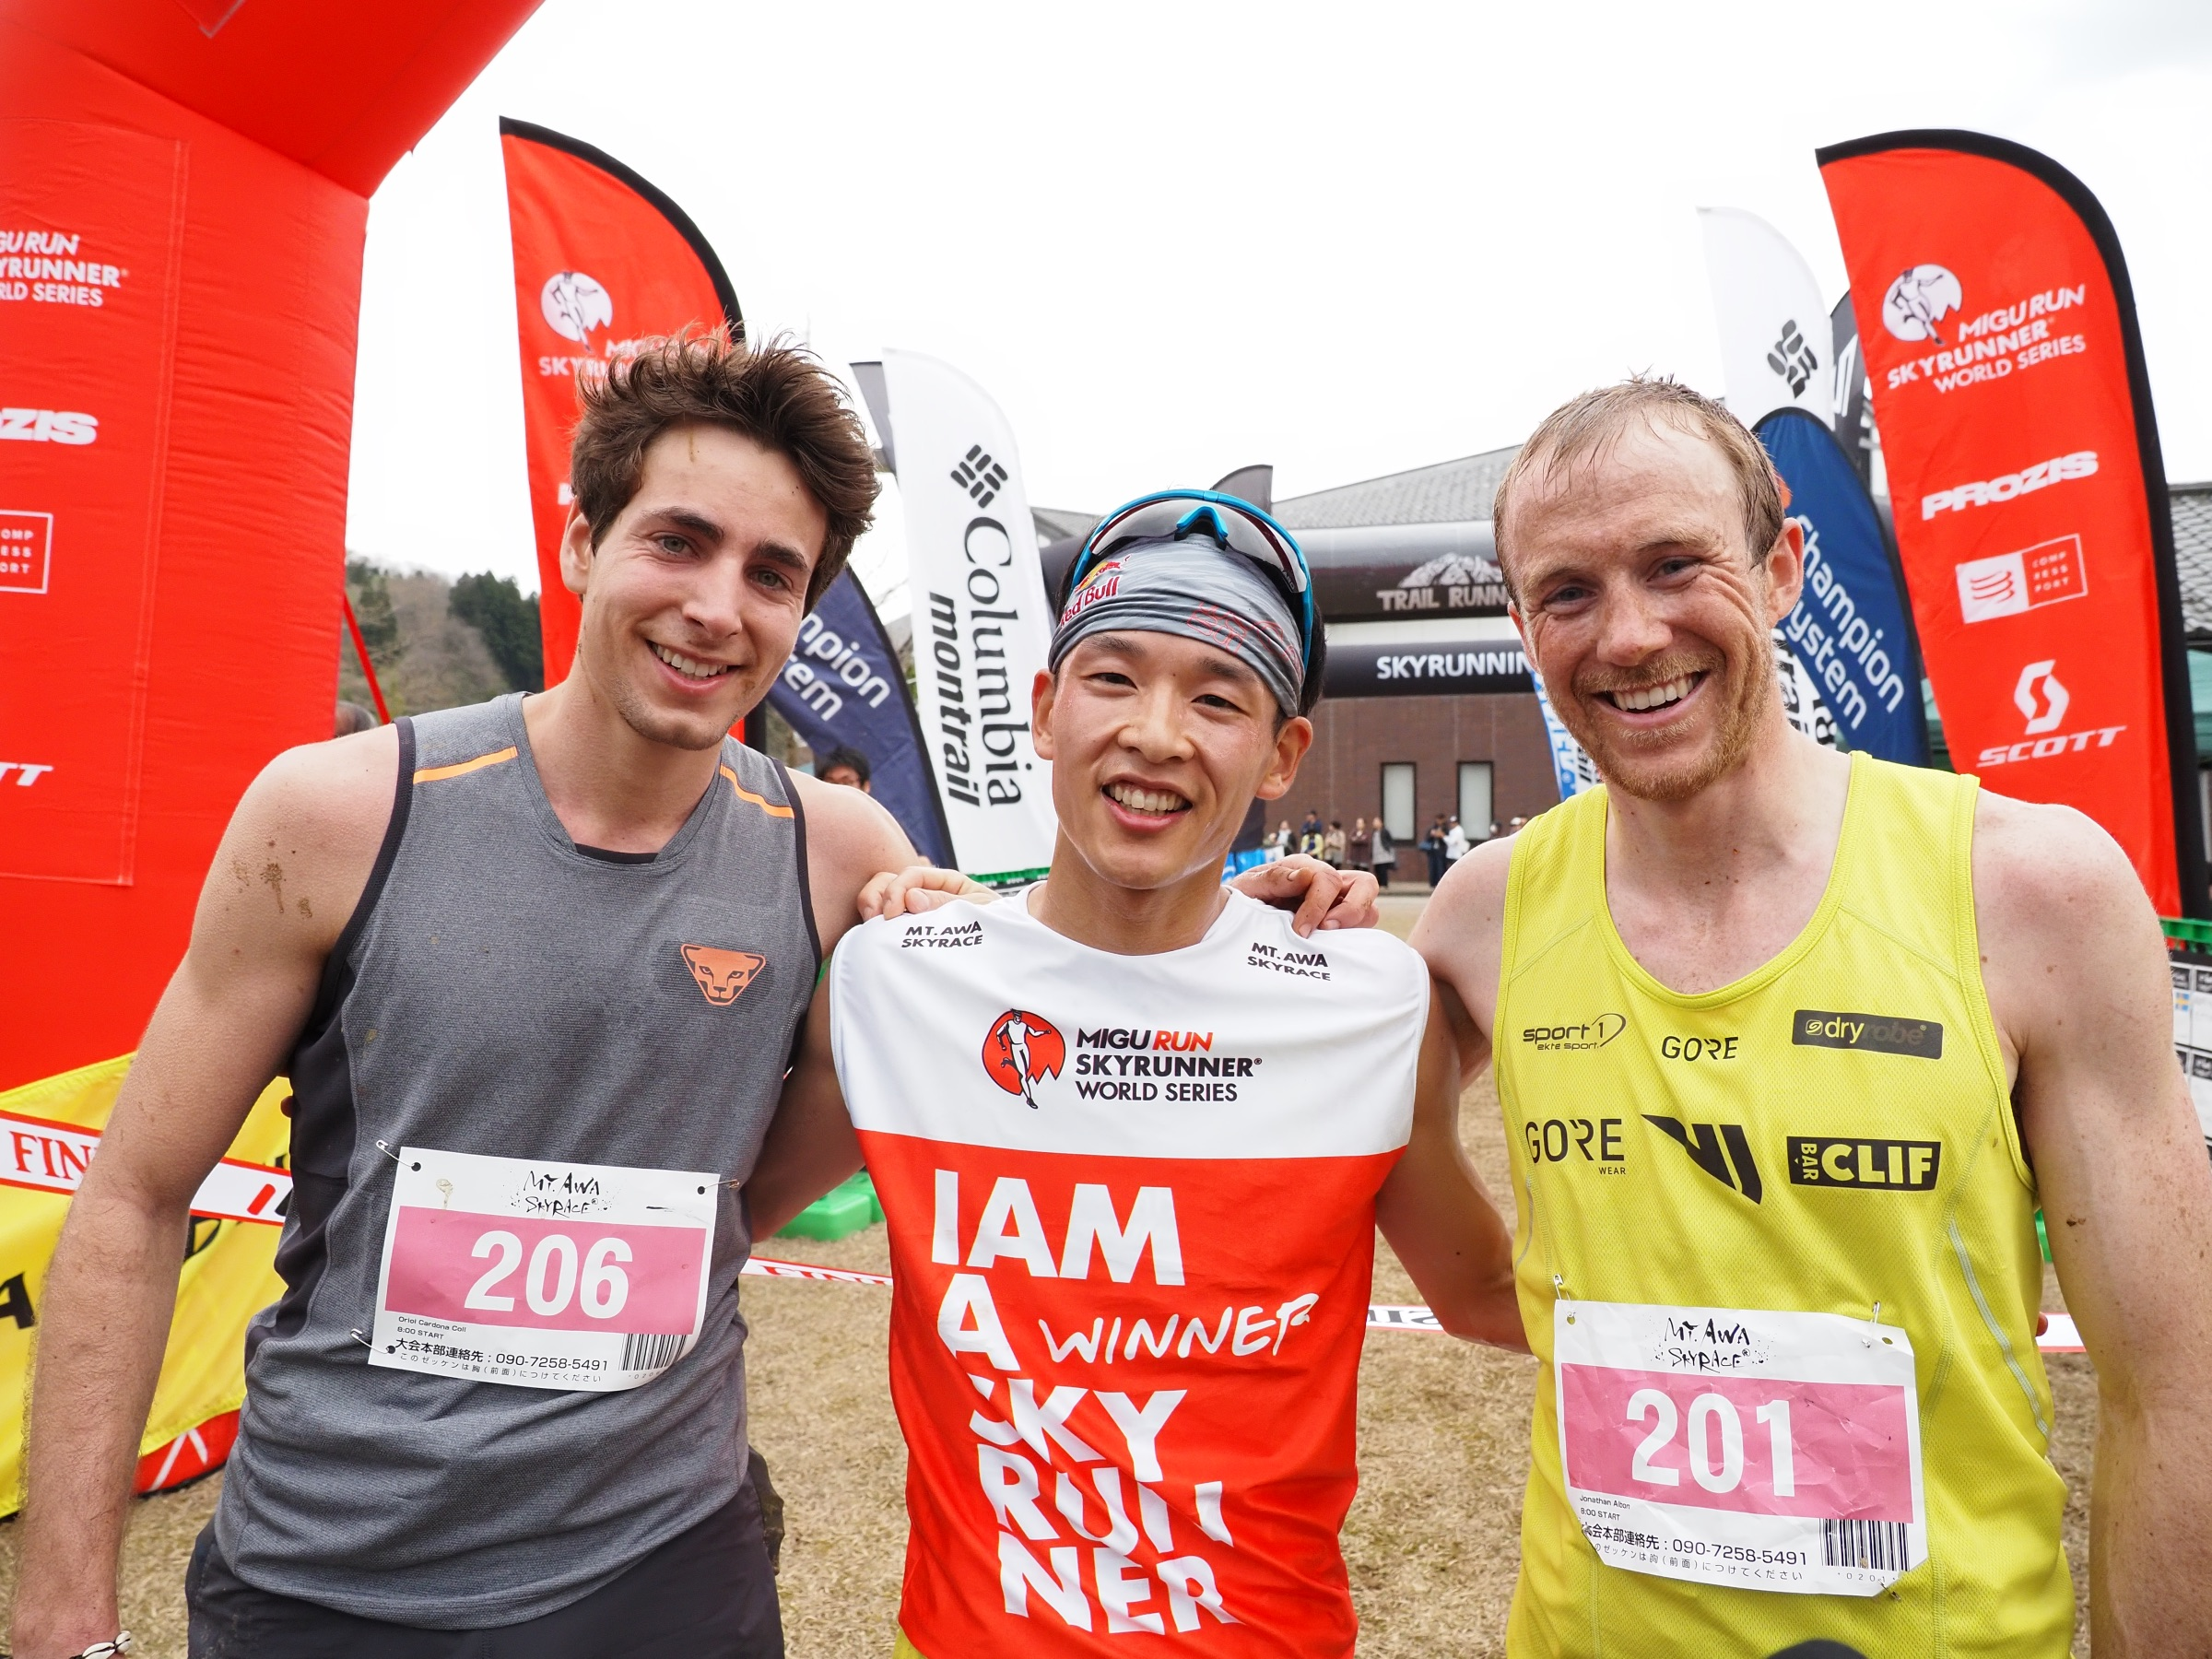 男子トップ3。左からオリオル、上田、ジョナサン ©Nagi Murofushi